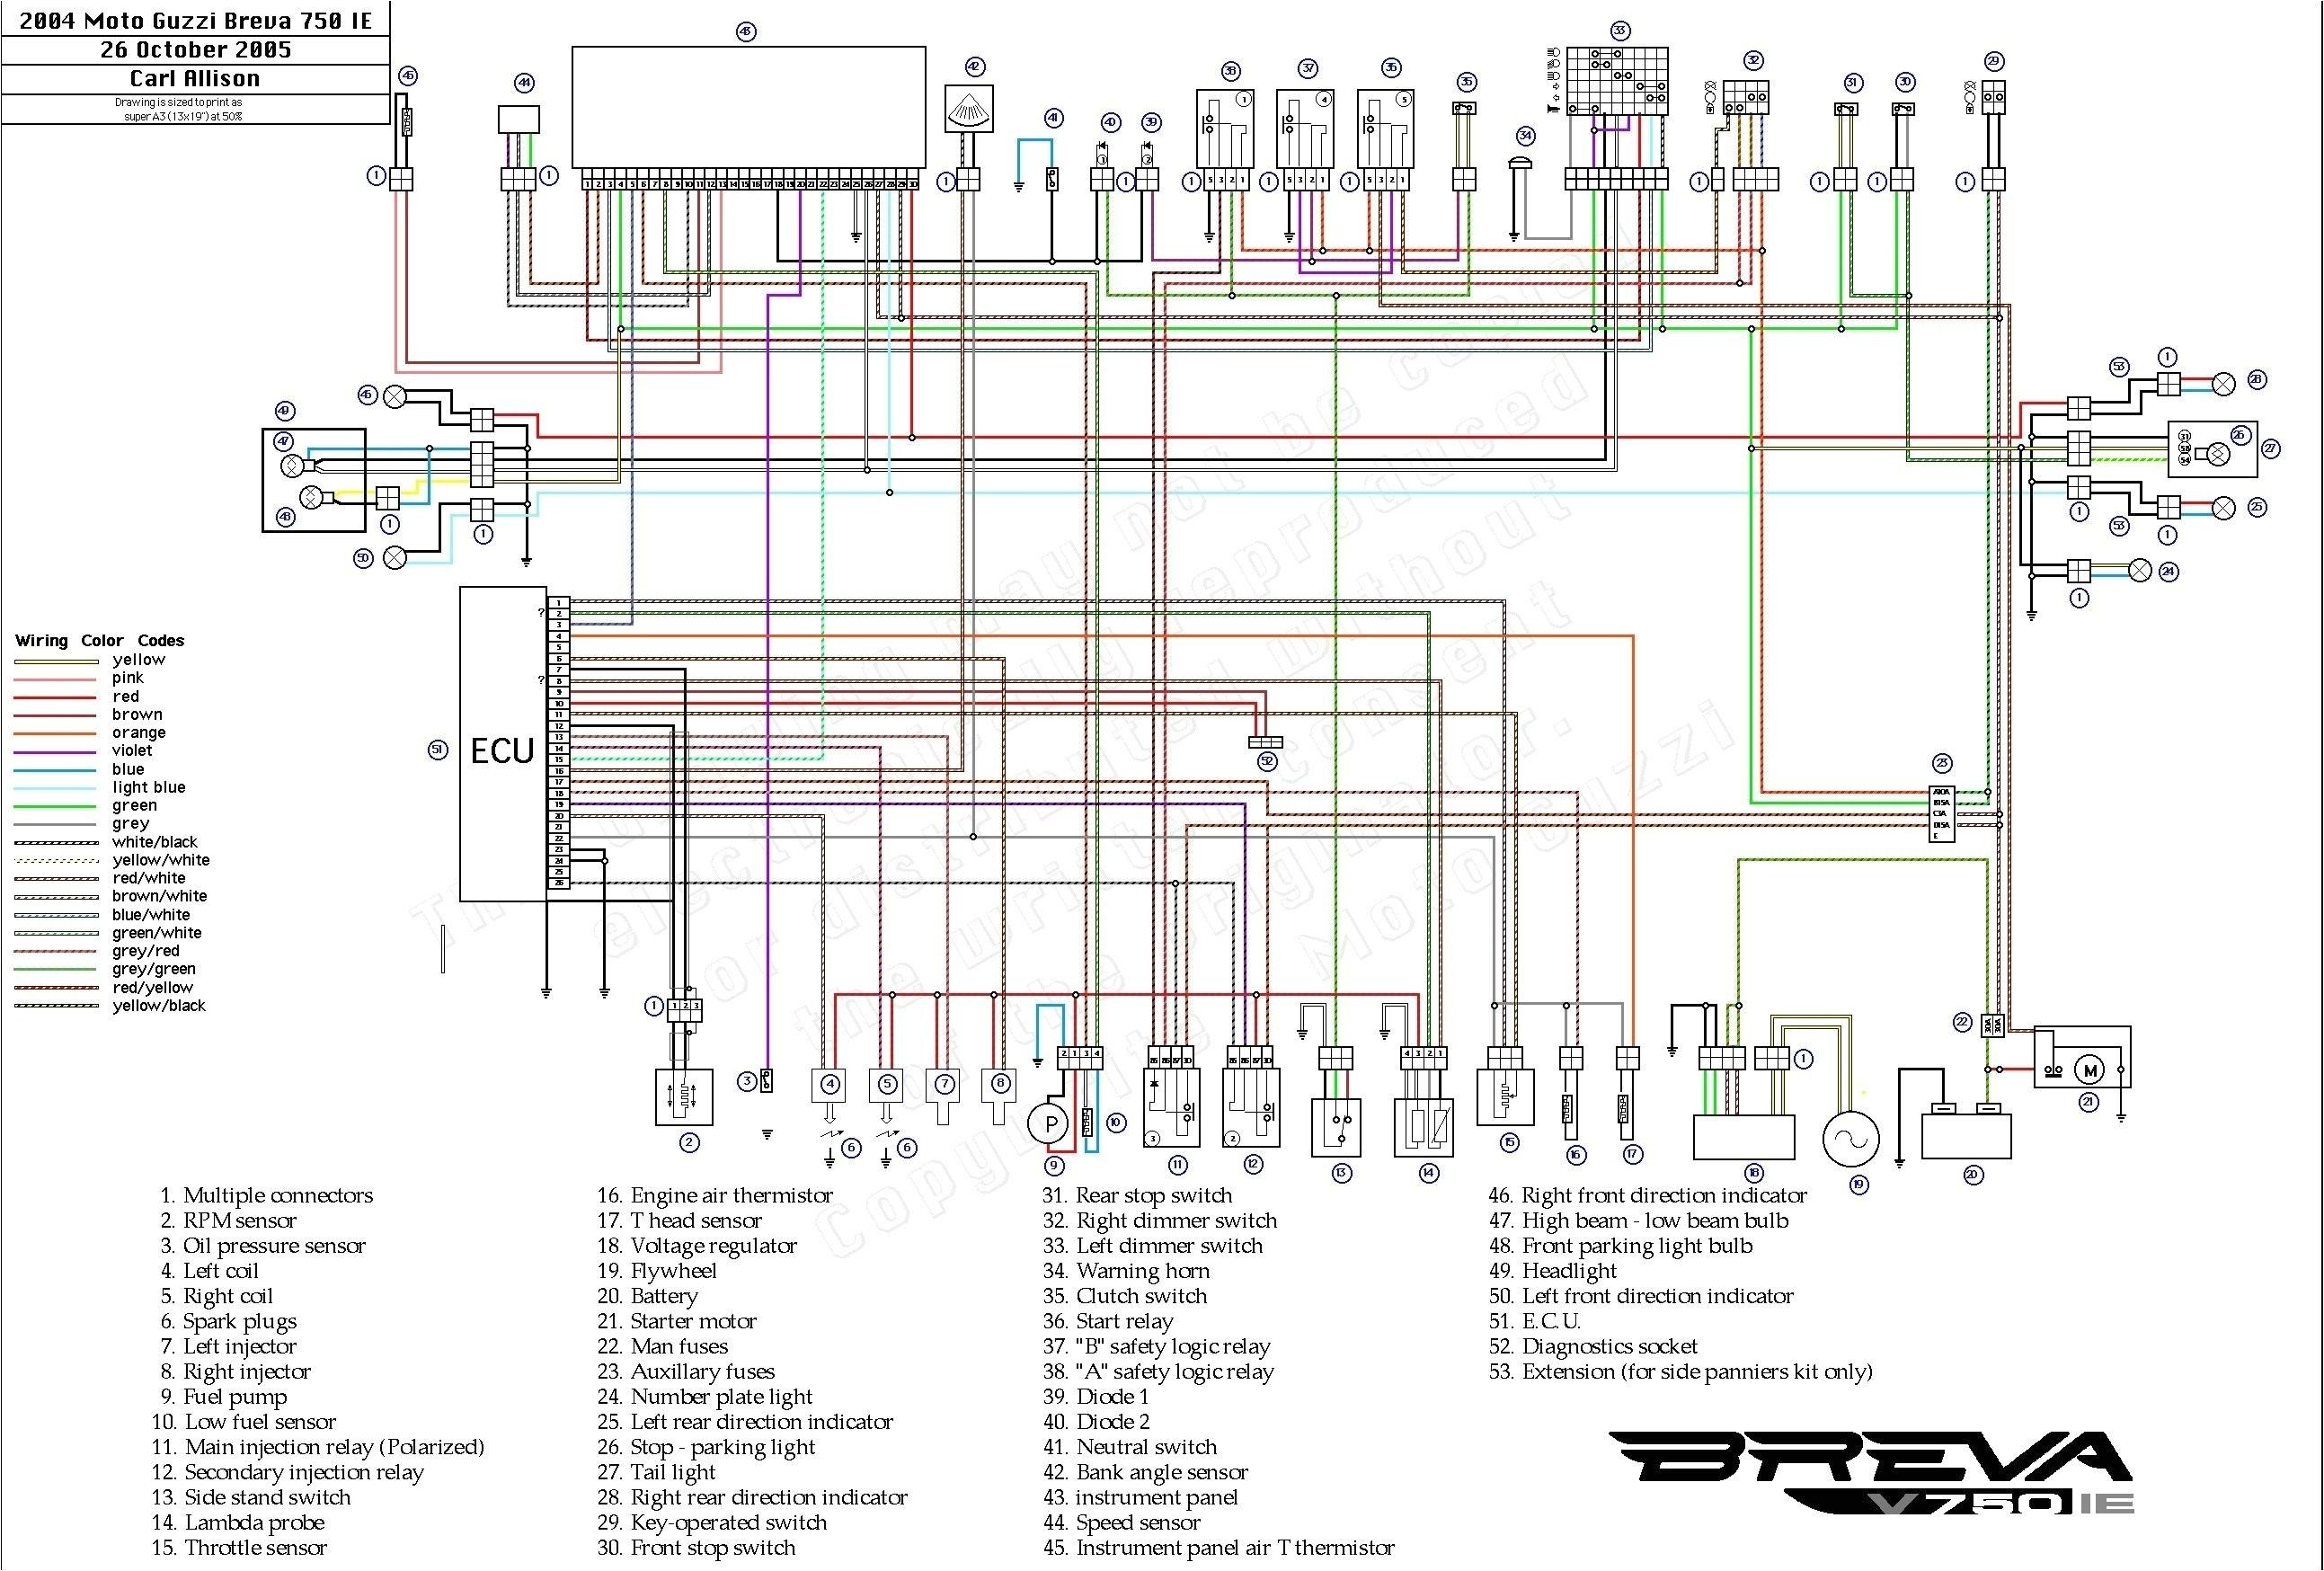 wiring diagram 1994 bmw 325i convertible wiring library for wiring diagram 1994 bmw 325i convertible png